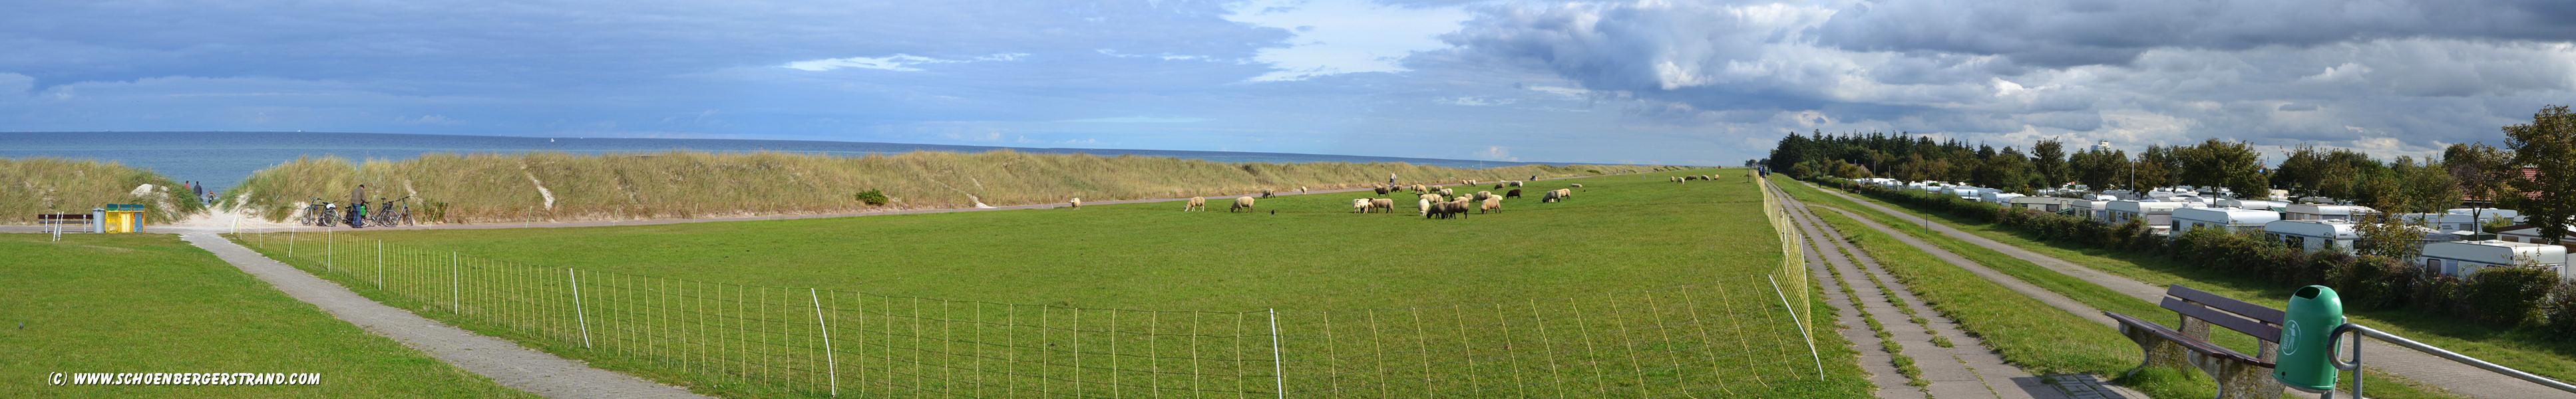 Schafe auf dem Deich in Schönberg - Kalifornien